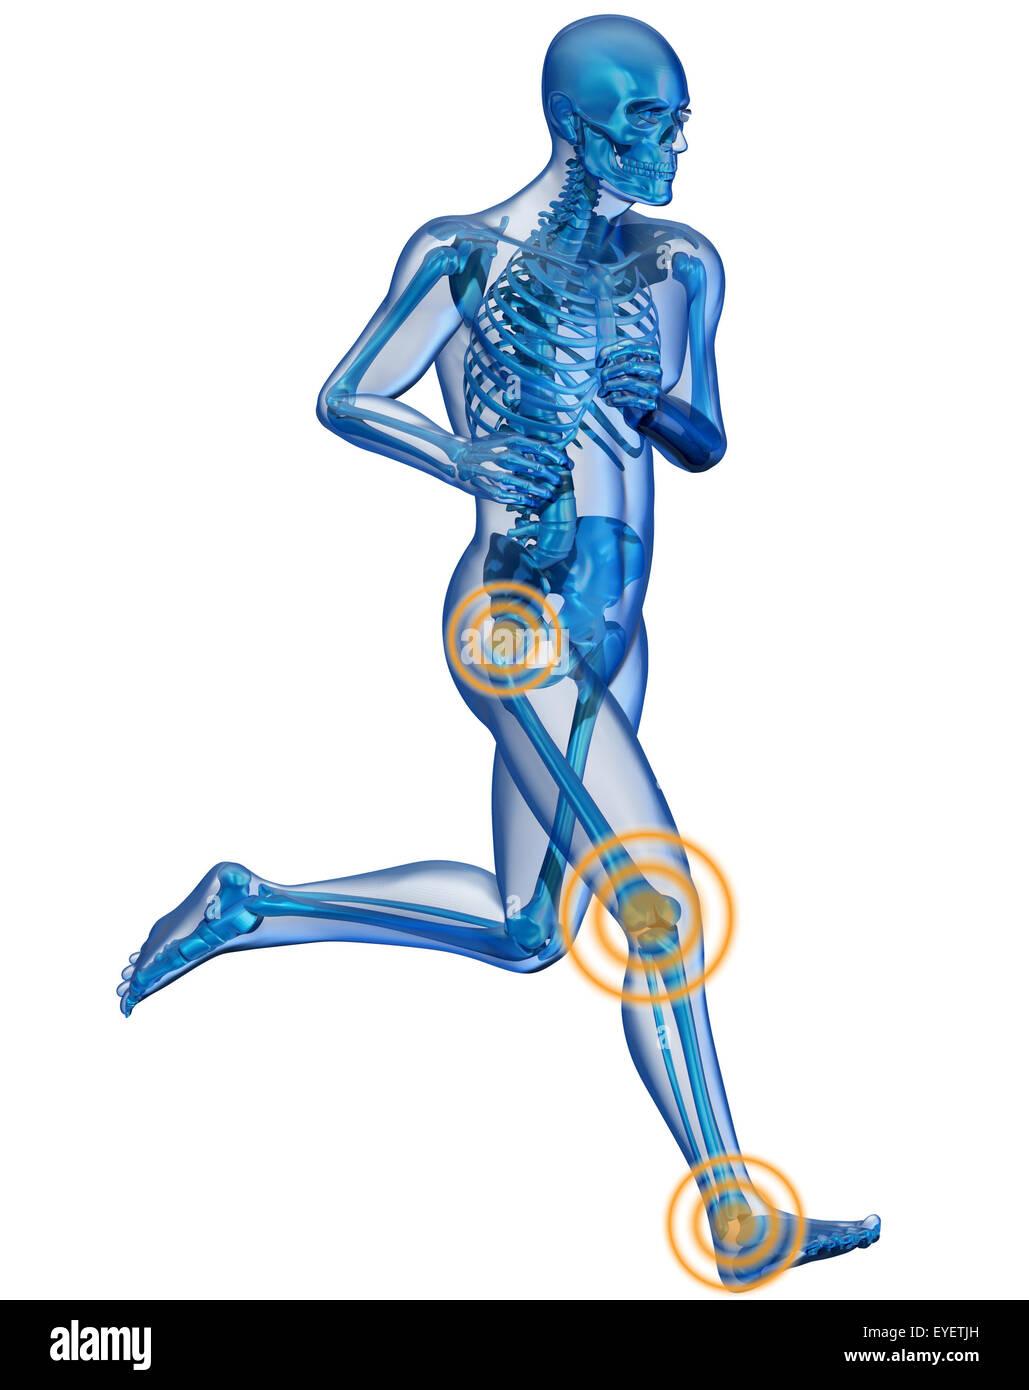 Großzügig Menschliches Hüftgelenk Bild Ideen - Menschliche Anatomie ...